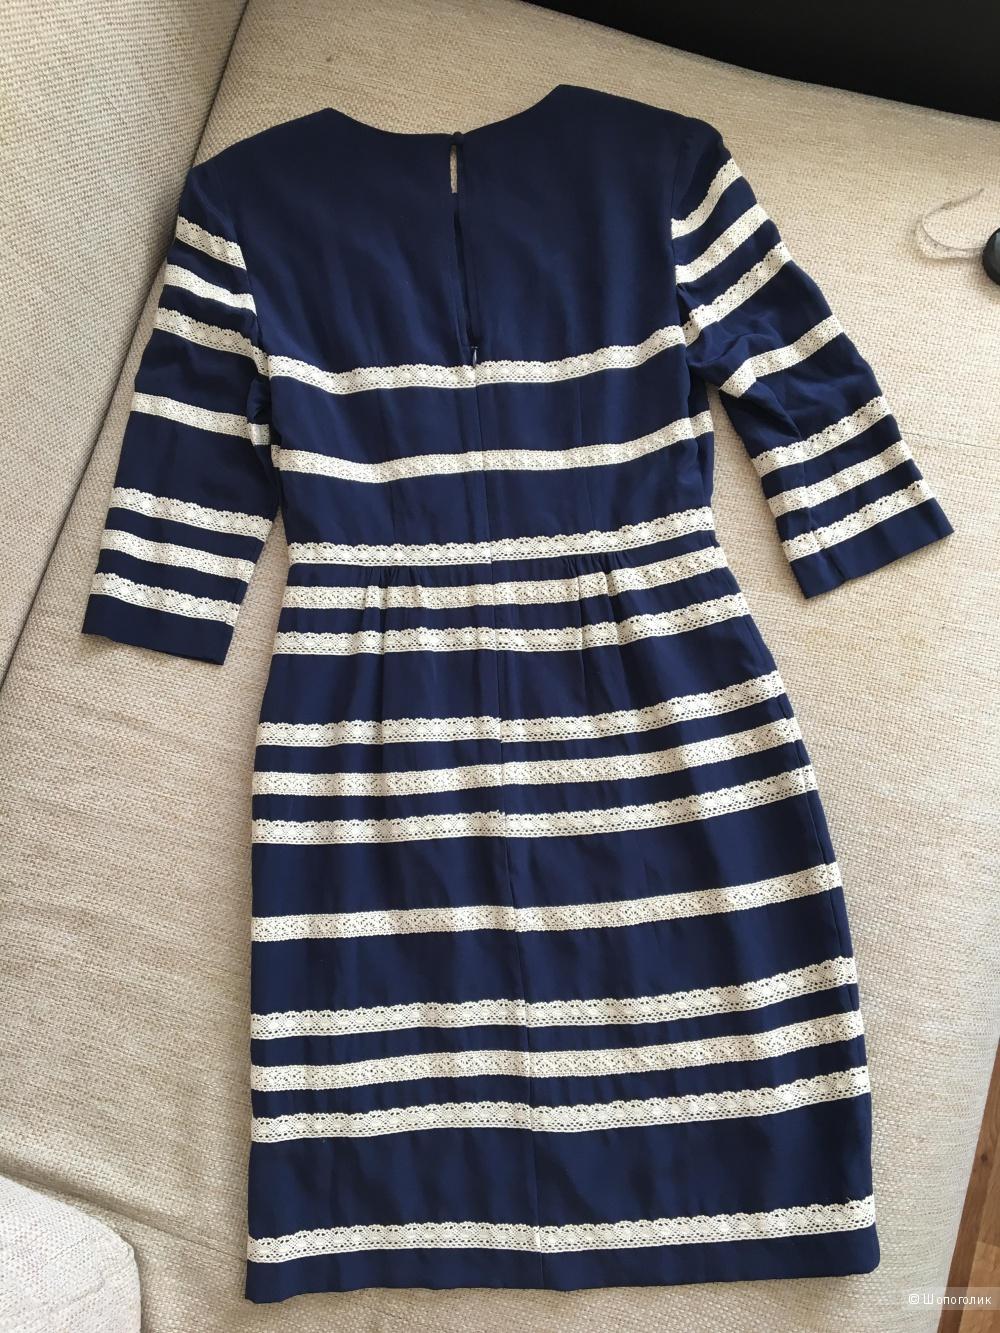 Платье Whistles, 6 юк большемерит